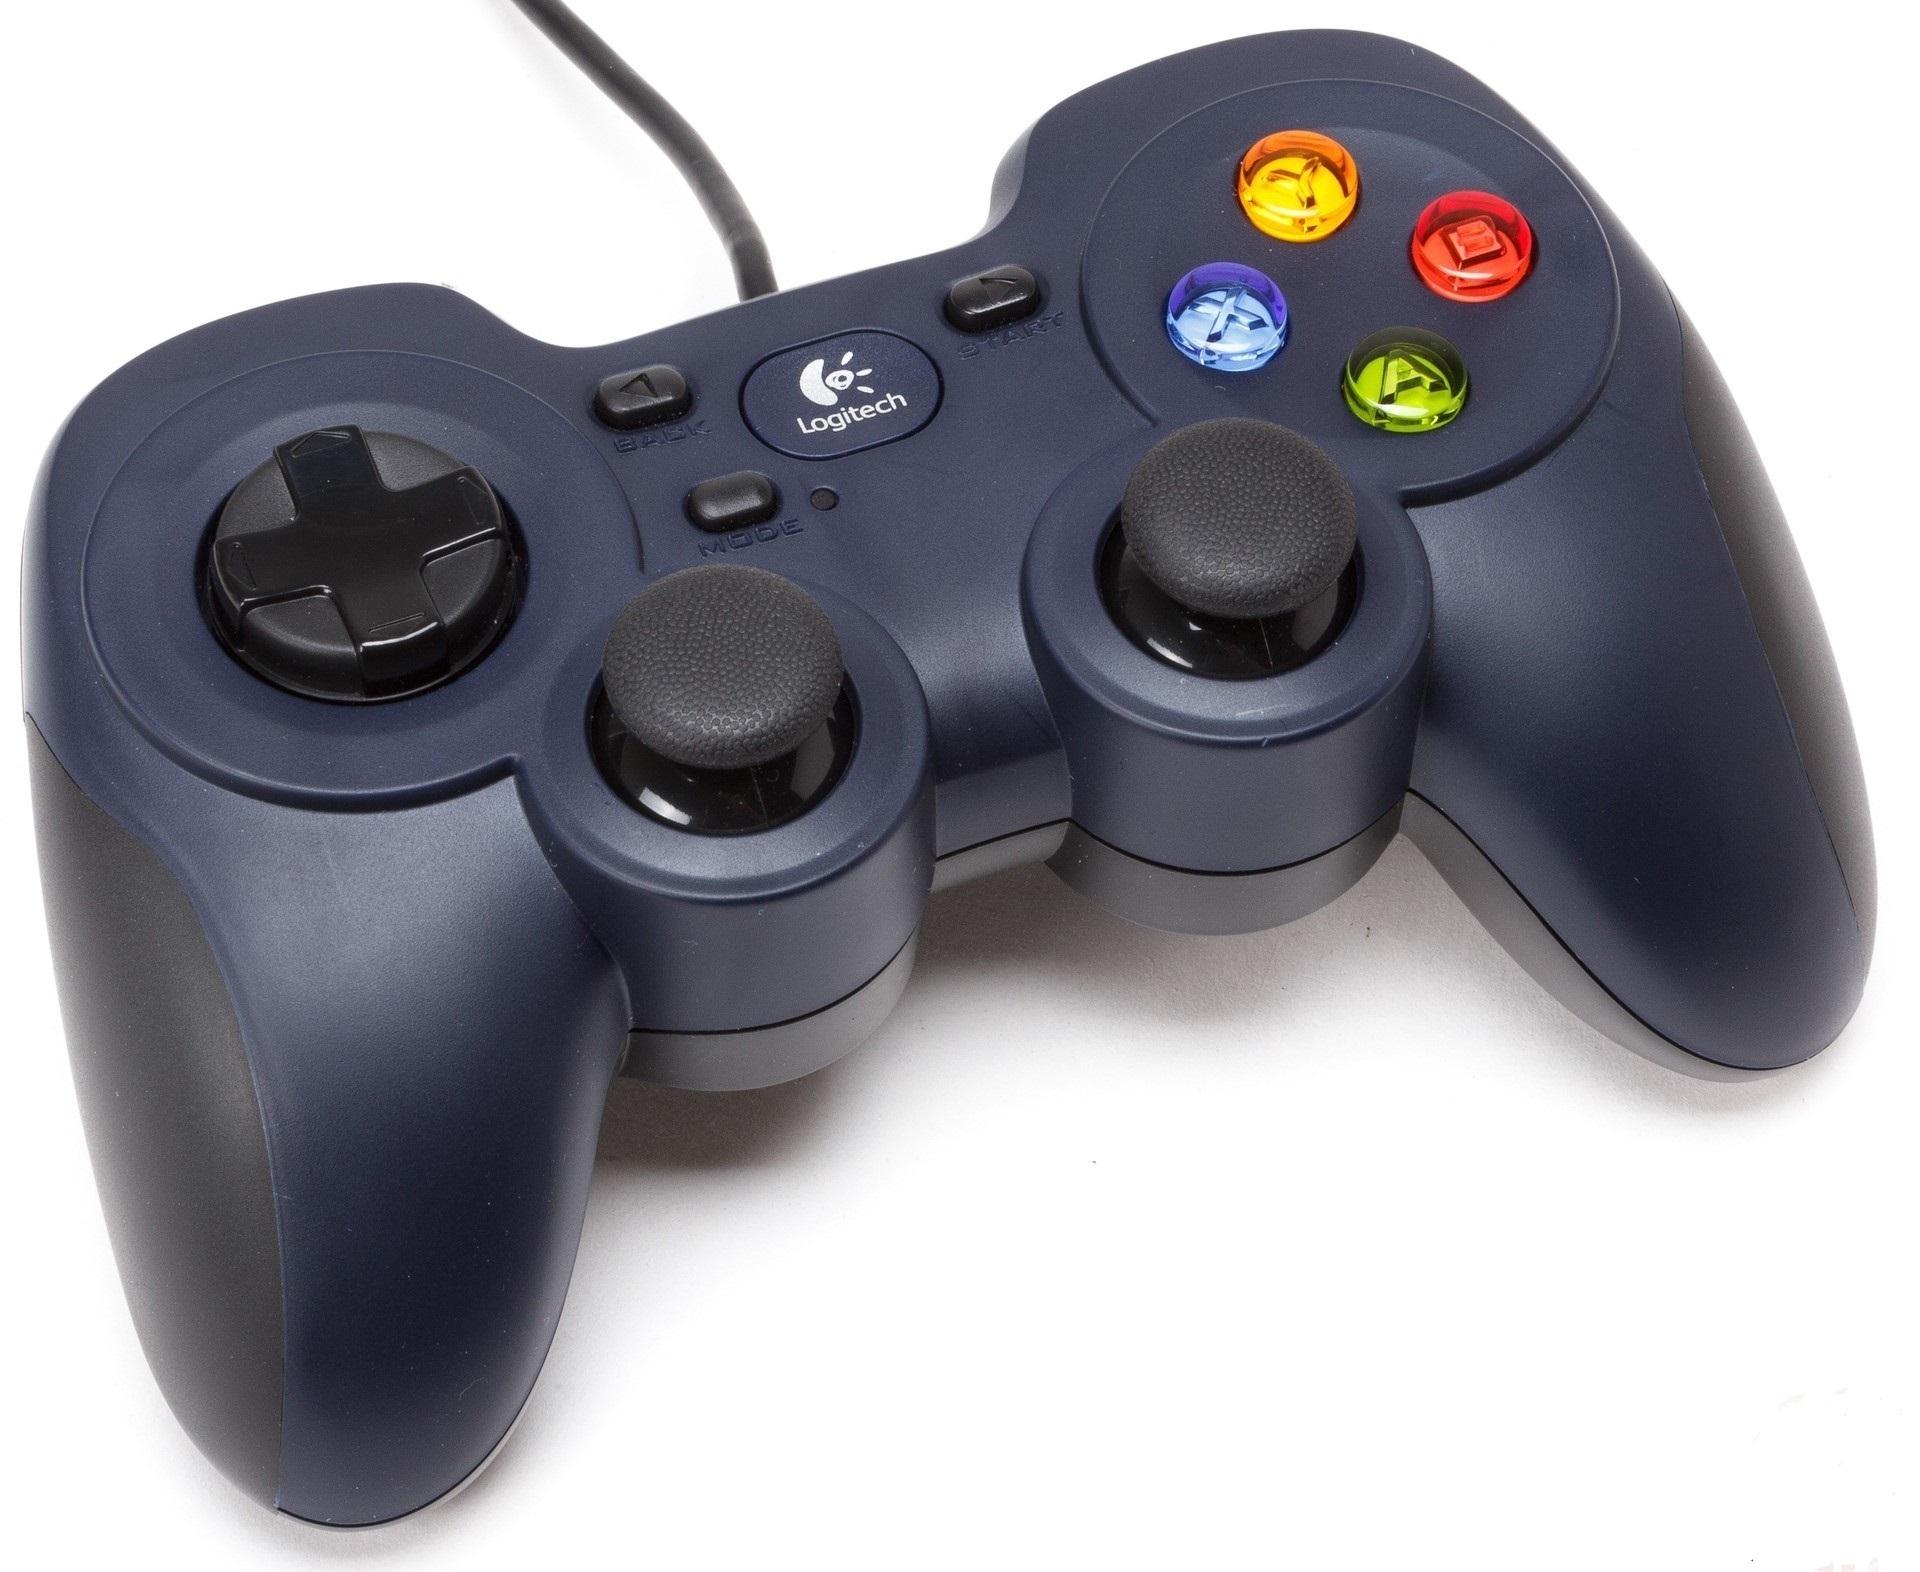 Tay cầm Gaming Logitech F310